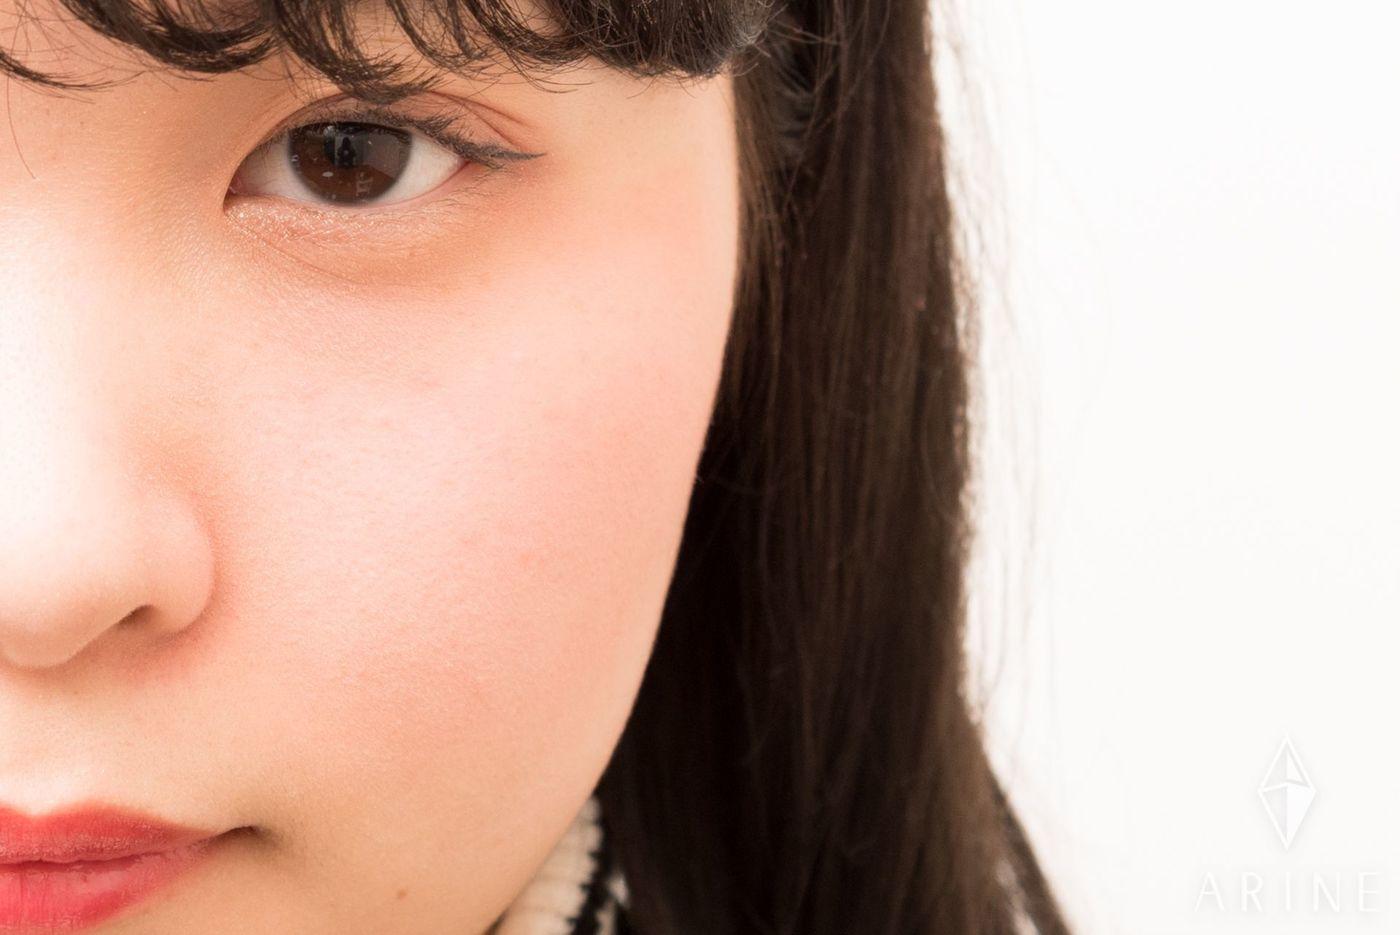 人気上昇中♡ヴィセ「フォギーオン チークス」の魅力をご紹介!の3枚目の画像